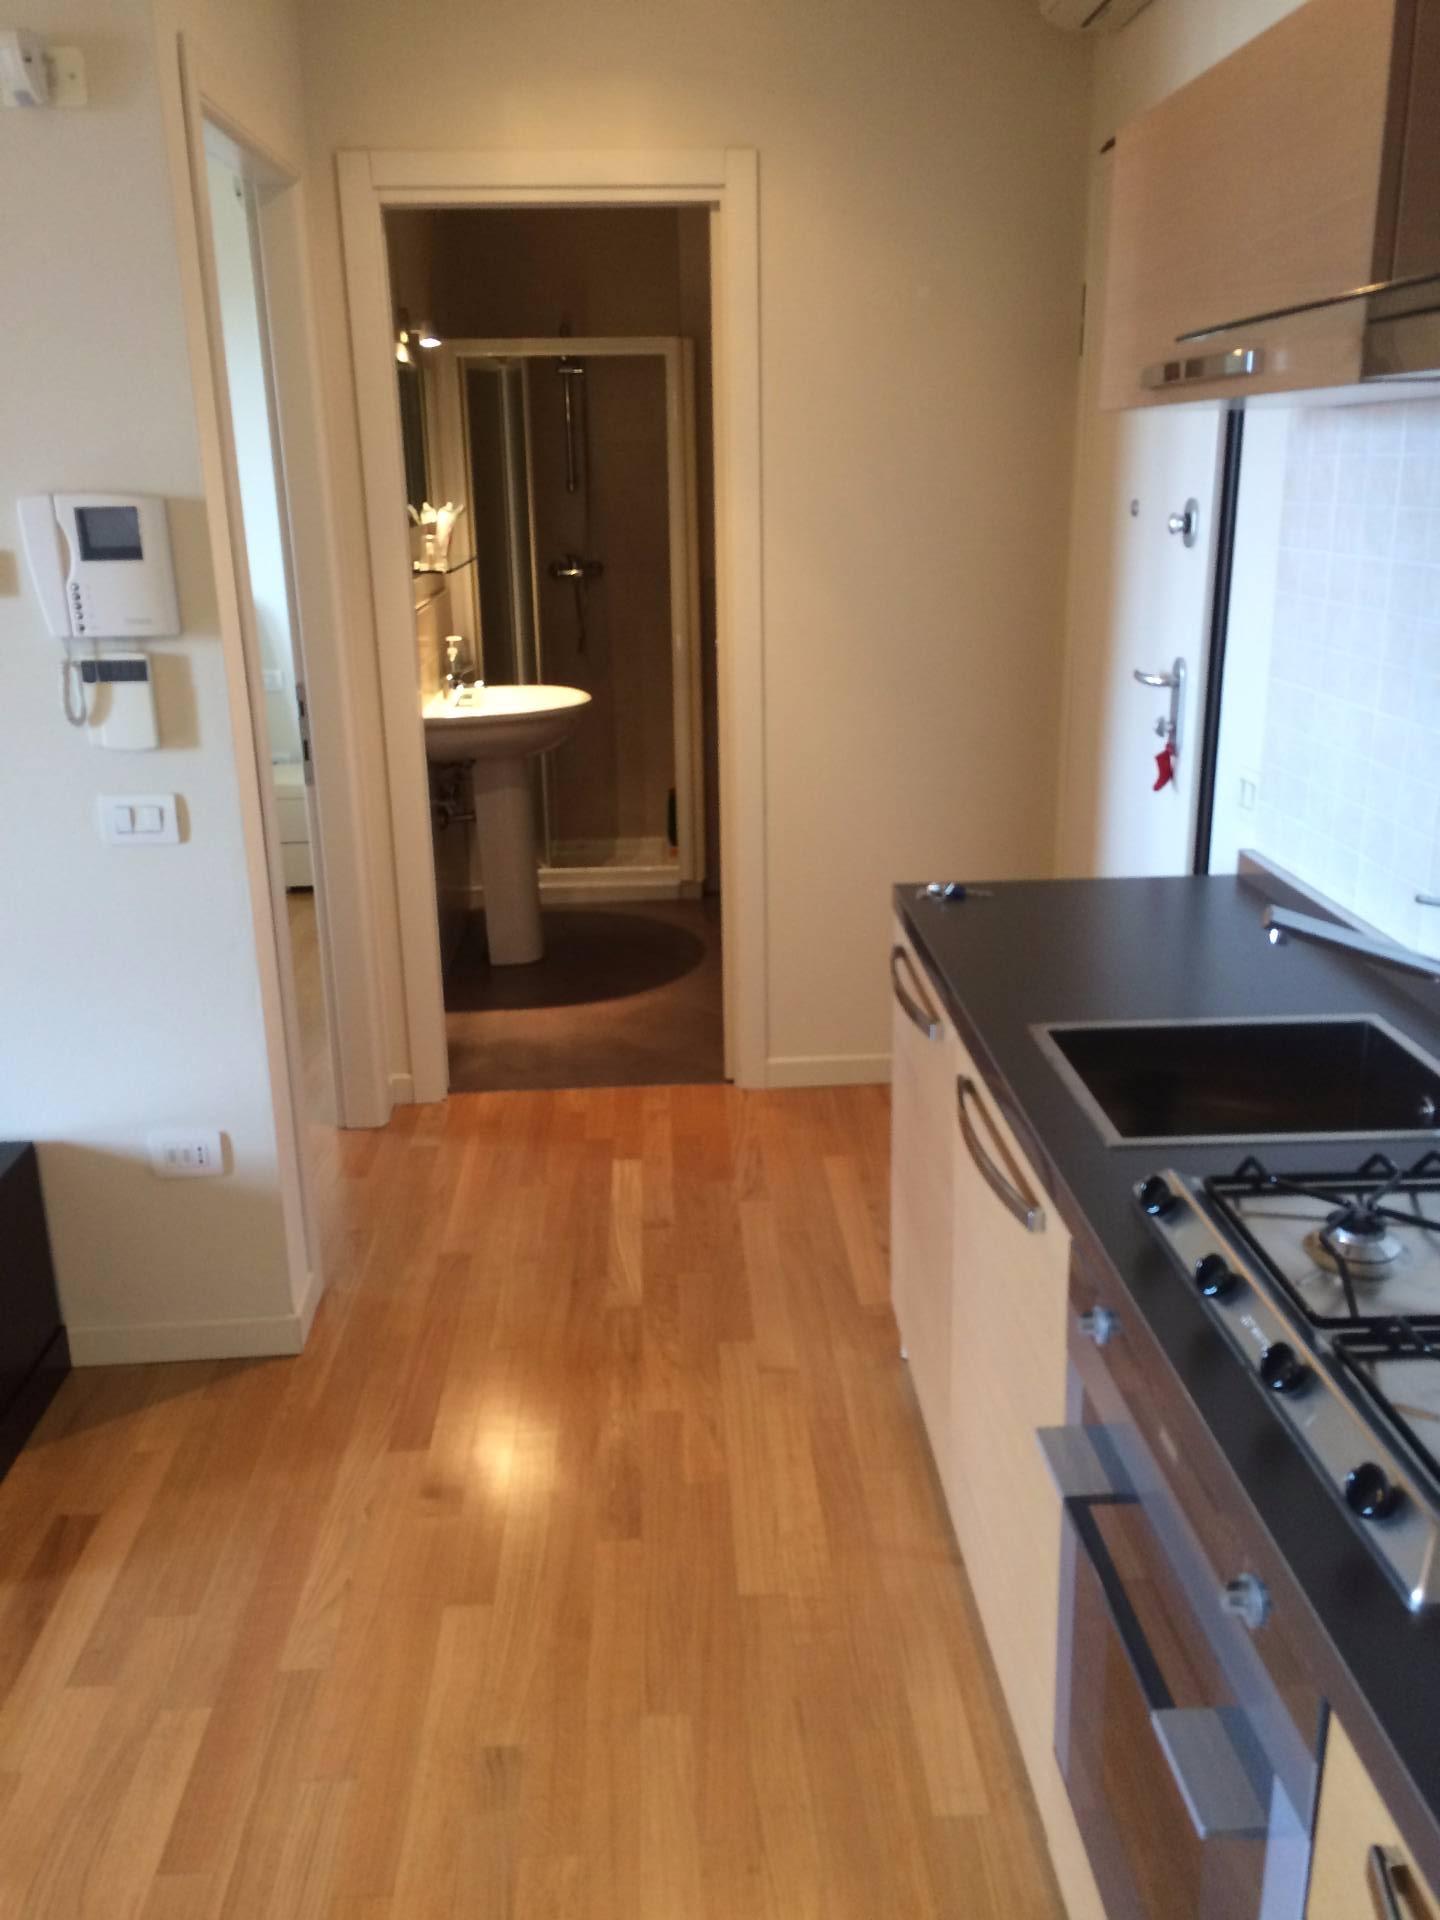 Appartamento in vendita a Silea, 2 locali, zona Località: Centro, prezzo € 95.000   CambioCasa.it